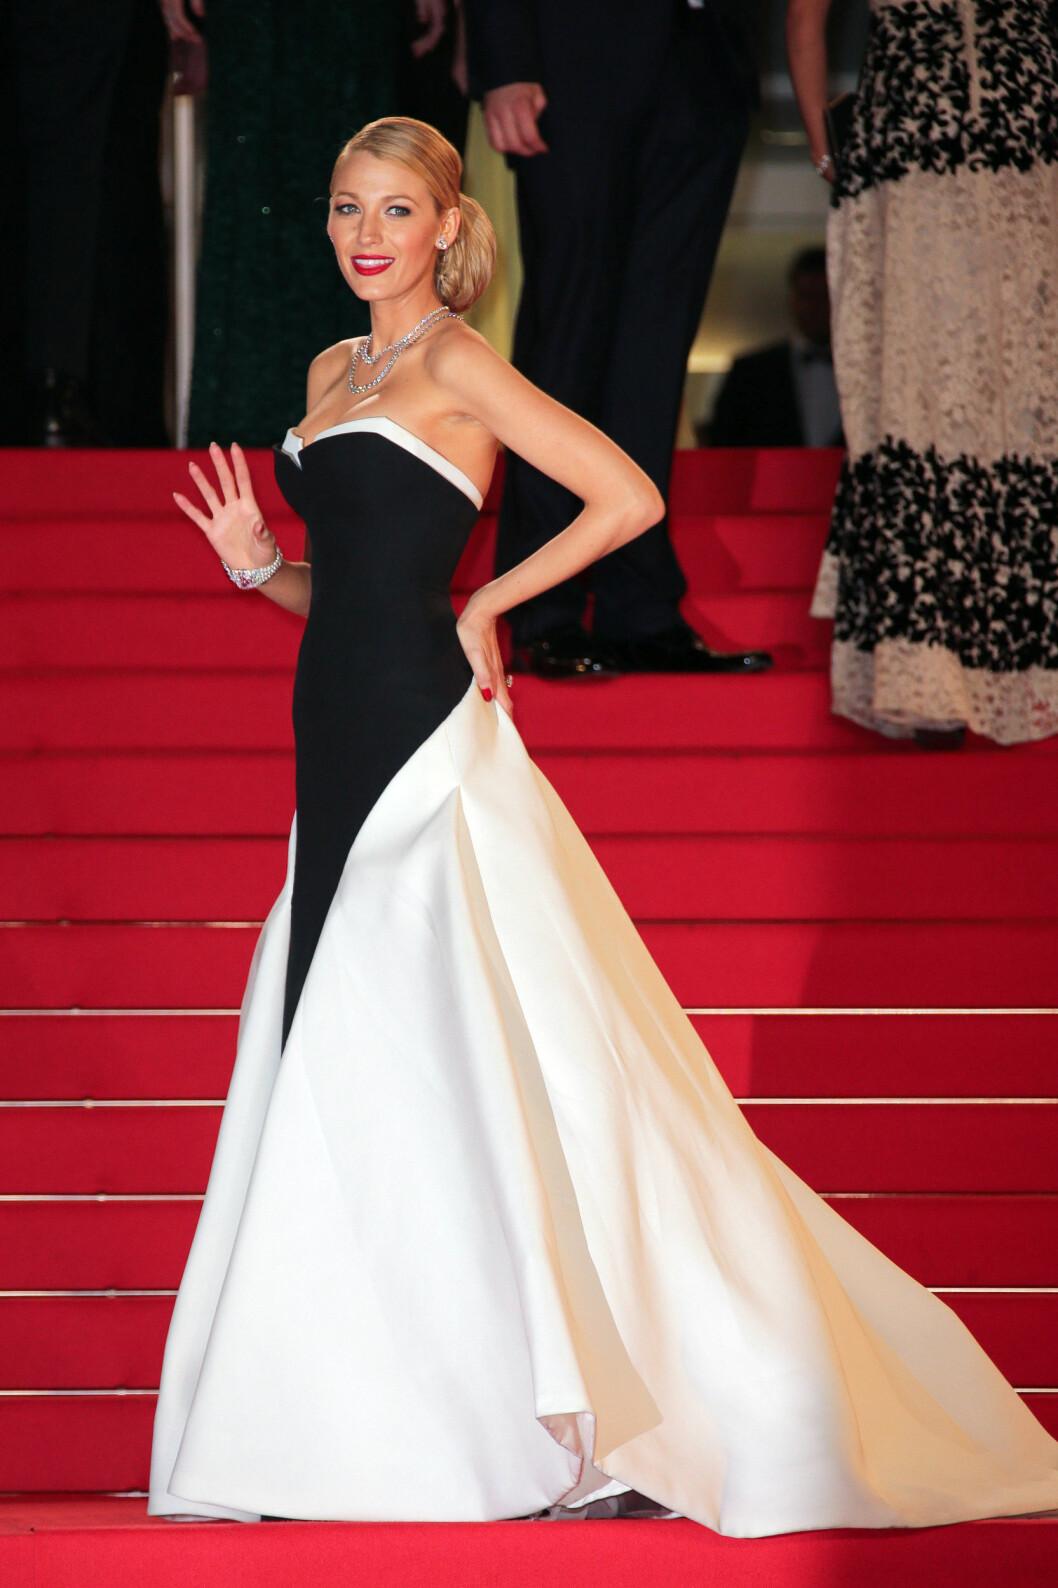 SMELLVAKKER: Skuespiller Blake Lively på den årlige filmfestivalen i Cannes og premieren til filmen The Captive.   Foto: Oraito / Splash News/ All Over P